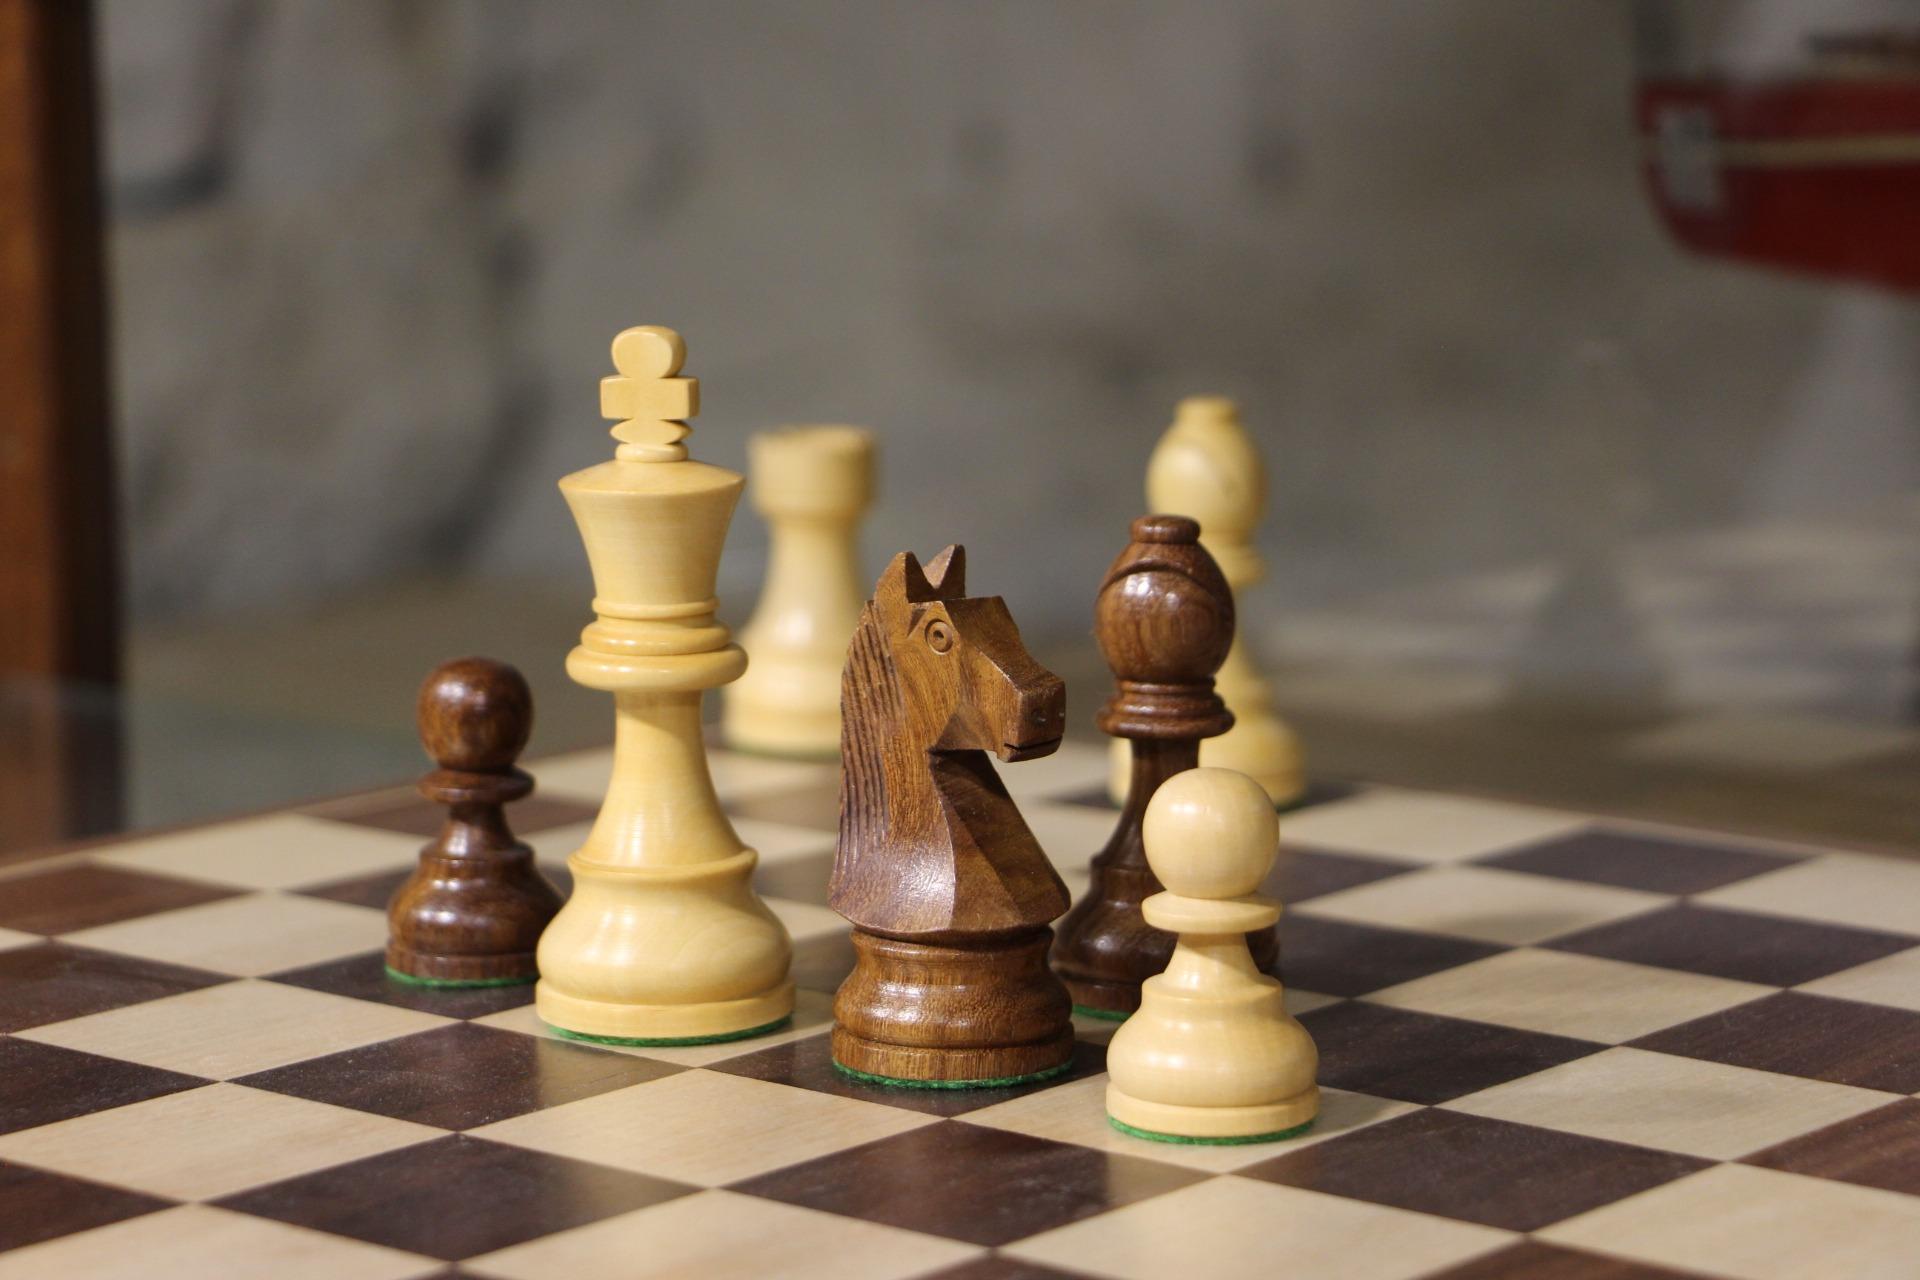 jeu d'échec boutique Poisson d'avril Lyon 2